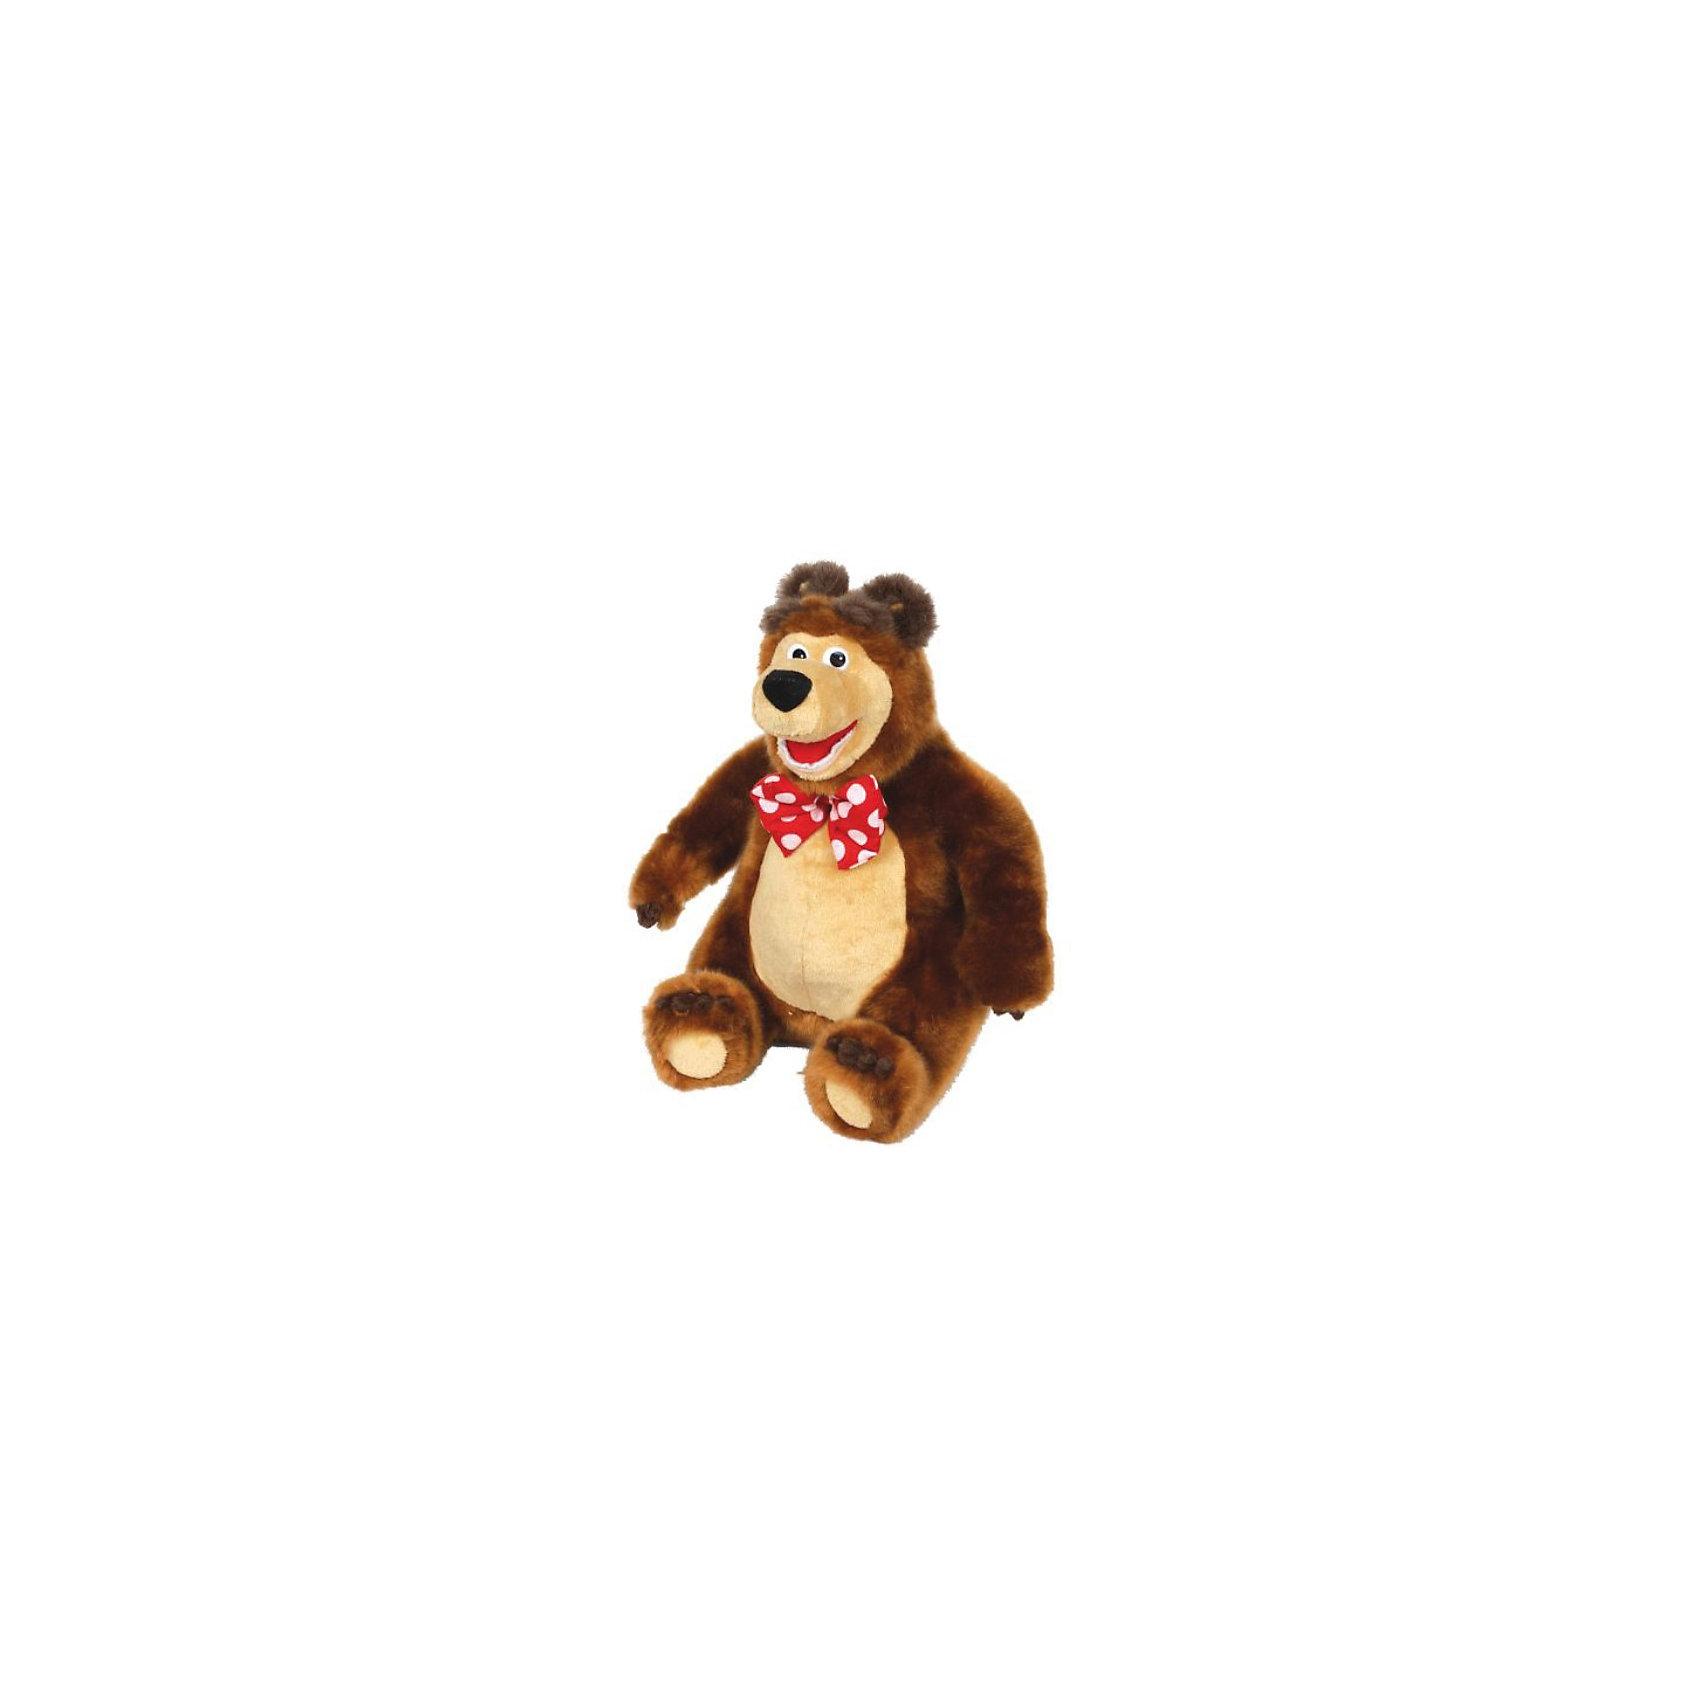 Мягкая игрушка  Мишка, 28 см., Маша и Медведь, МУЛЬТИ-ПУЛЬТИЛюбимые герои<br>Мягкая игрушка Мишка, 28 см., Маша и Медведь - главный герой всеми любимого детского мультсериала Маша и Медведь. Умеет смеяться и поет песенку из мультфильма.<br><br>Мишка очень добрый, поэтому бесконечно прощает Маше всякие шалости. Готов играть, даже когда устал. Никогда  не бросает друзей в беде, всегда готов прийти на помощь.<br><br>Игрушка развивает фантазию, воображение, цветовое и звуковое восприятие, моторику рук.<br><br>Дополнительная информация:<br><br>- Высота: 28 см.<br>- Озвученная руссифицированная игрушка.<br>- Материалы: цветной плюш, текстиль, пластик.<br><br>Мягкую игрушка Мишка, 28 см., Маша и Медведь можно купить в нашем интернет-магазине.<br><br>Ширина мм: 160<br>Глубина мм: 240<br>Высота мм: 300<br>Вес г: 330<br>Возраст от месяцев: 36<br>Возраст до месяцев: 2147483647<br>Пол: Унисекс<br>Возраст: Детский<br>SKU: 2497474